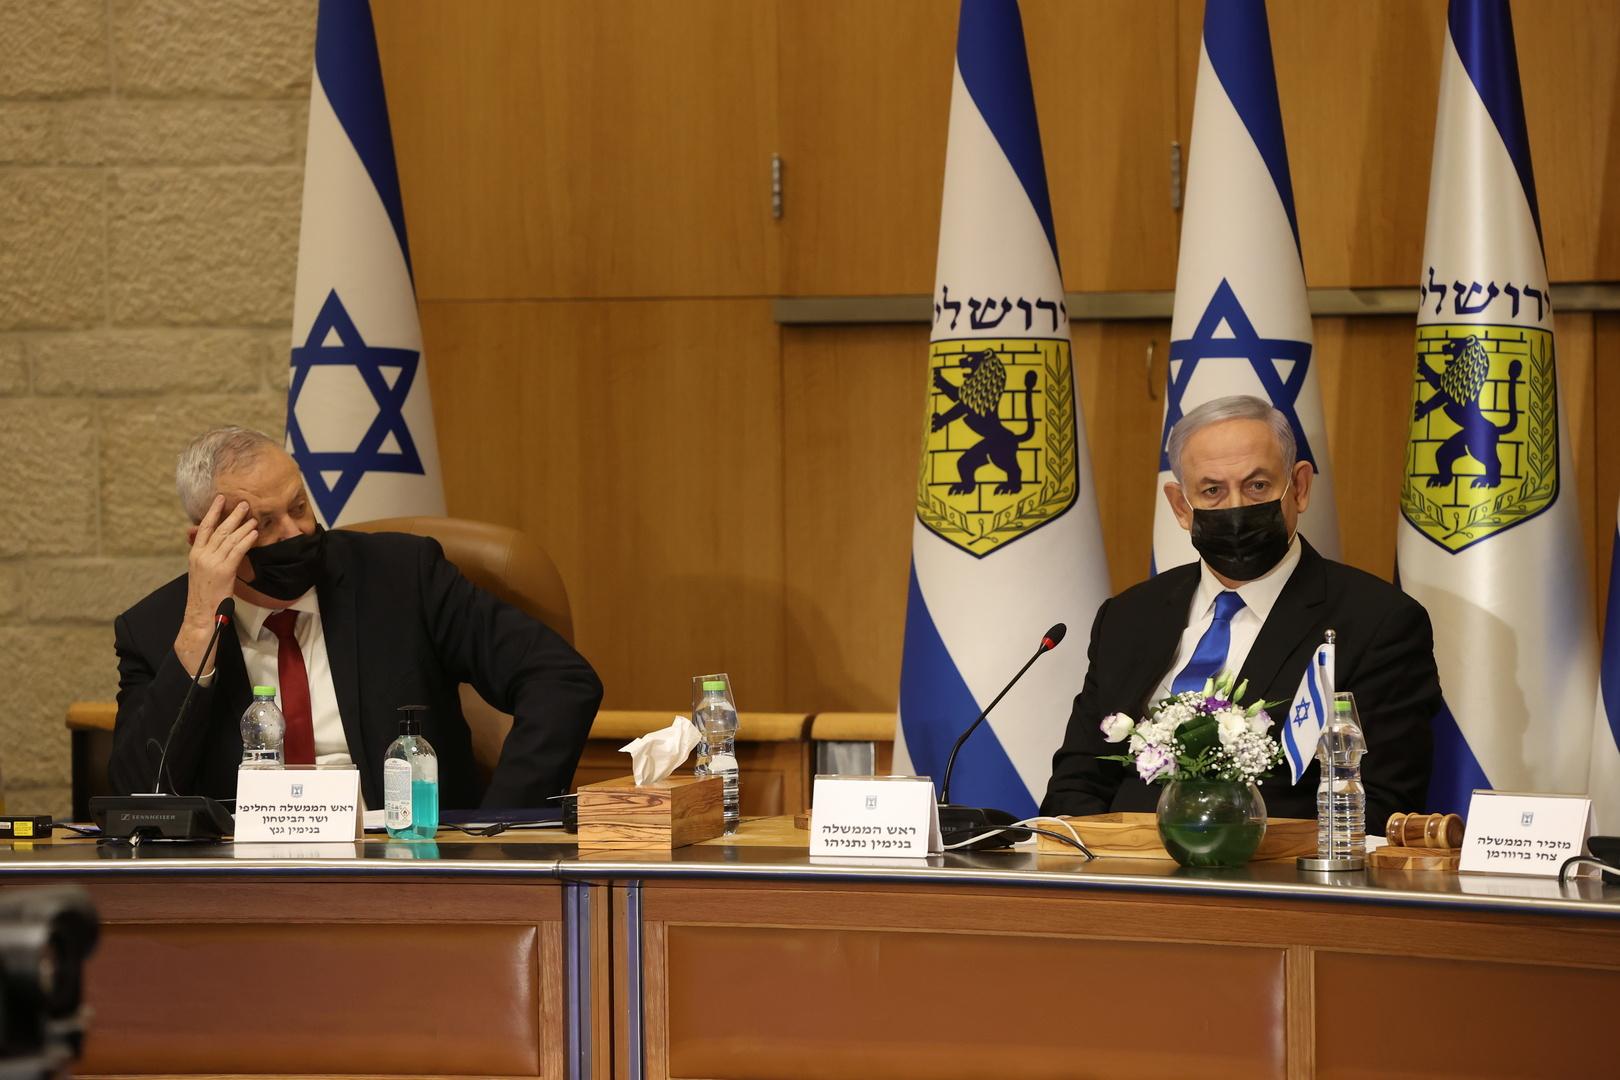 مسؤول عسكري إسرائيلي: ردنا سيكون واسع النطاق وقد يستمر لأيام